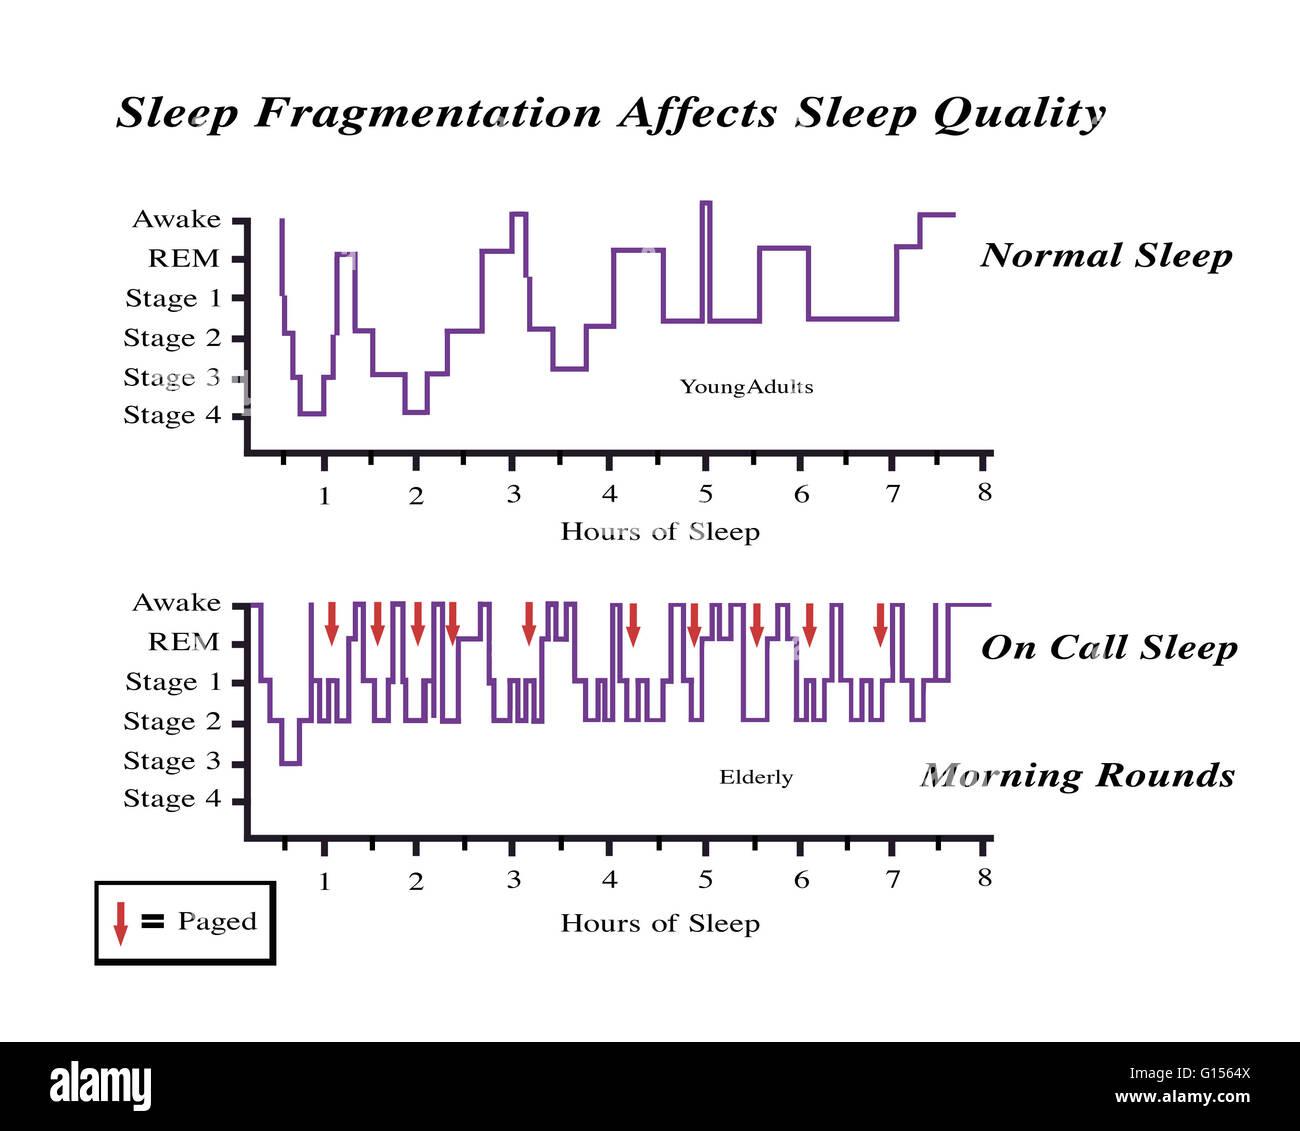 diagramm zur veranschaulichung der daten aus einer studie ber wie schlaf fragmentierung. Black Bedroom Furniture Sets. Home Design Ideas